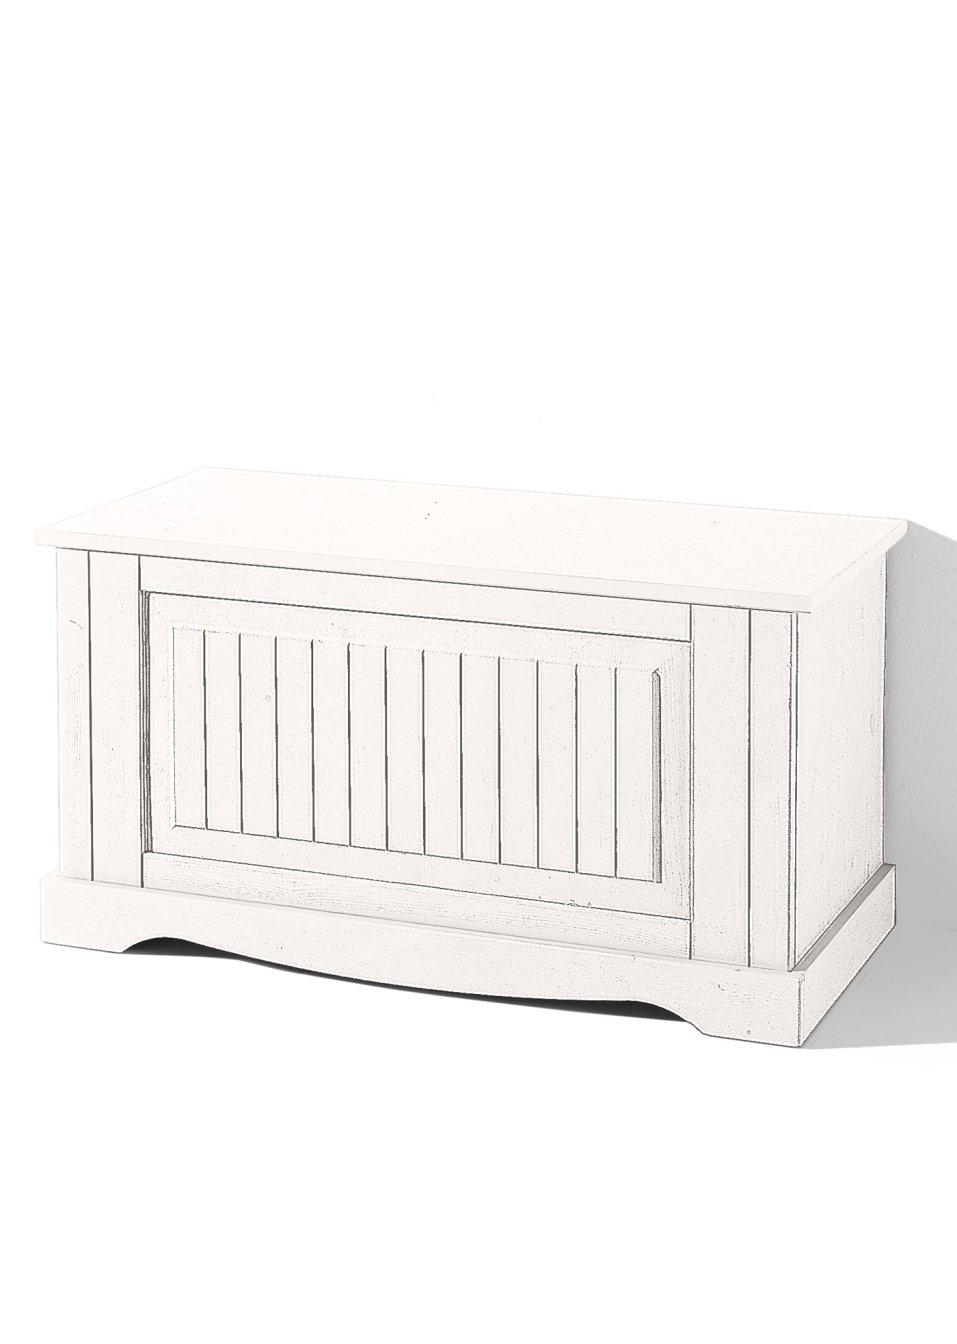 sitzbank roma viel platz f r decken und co weiss mit einer klappe. Black Bedroom Furniture Sets. Home Design Ideas